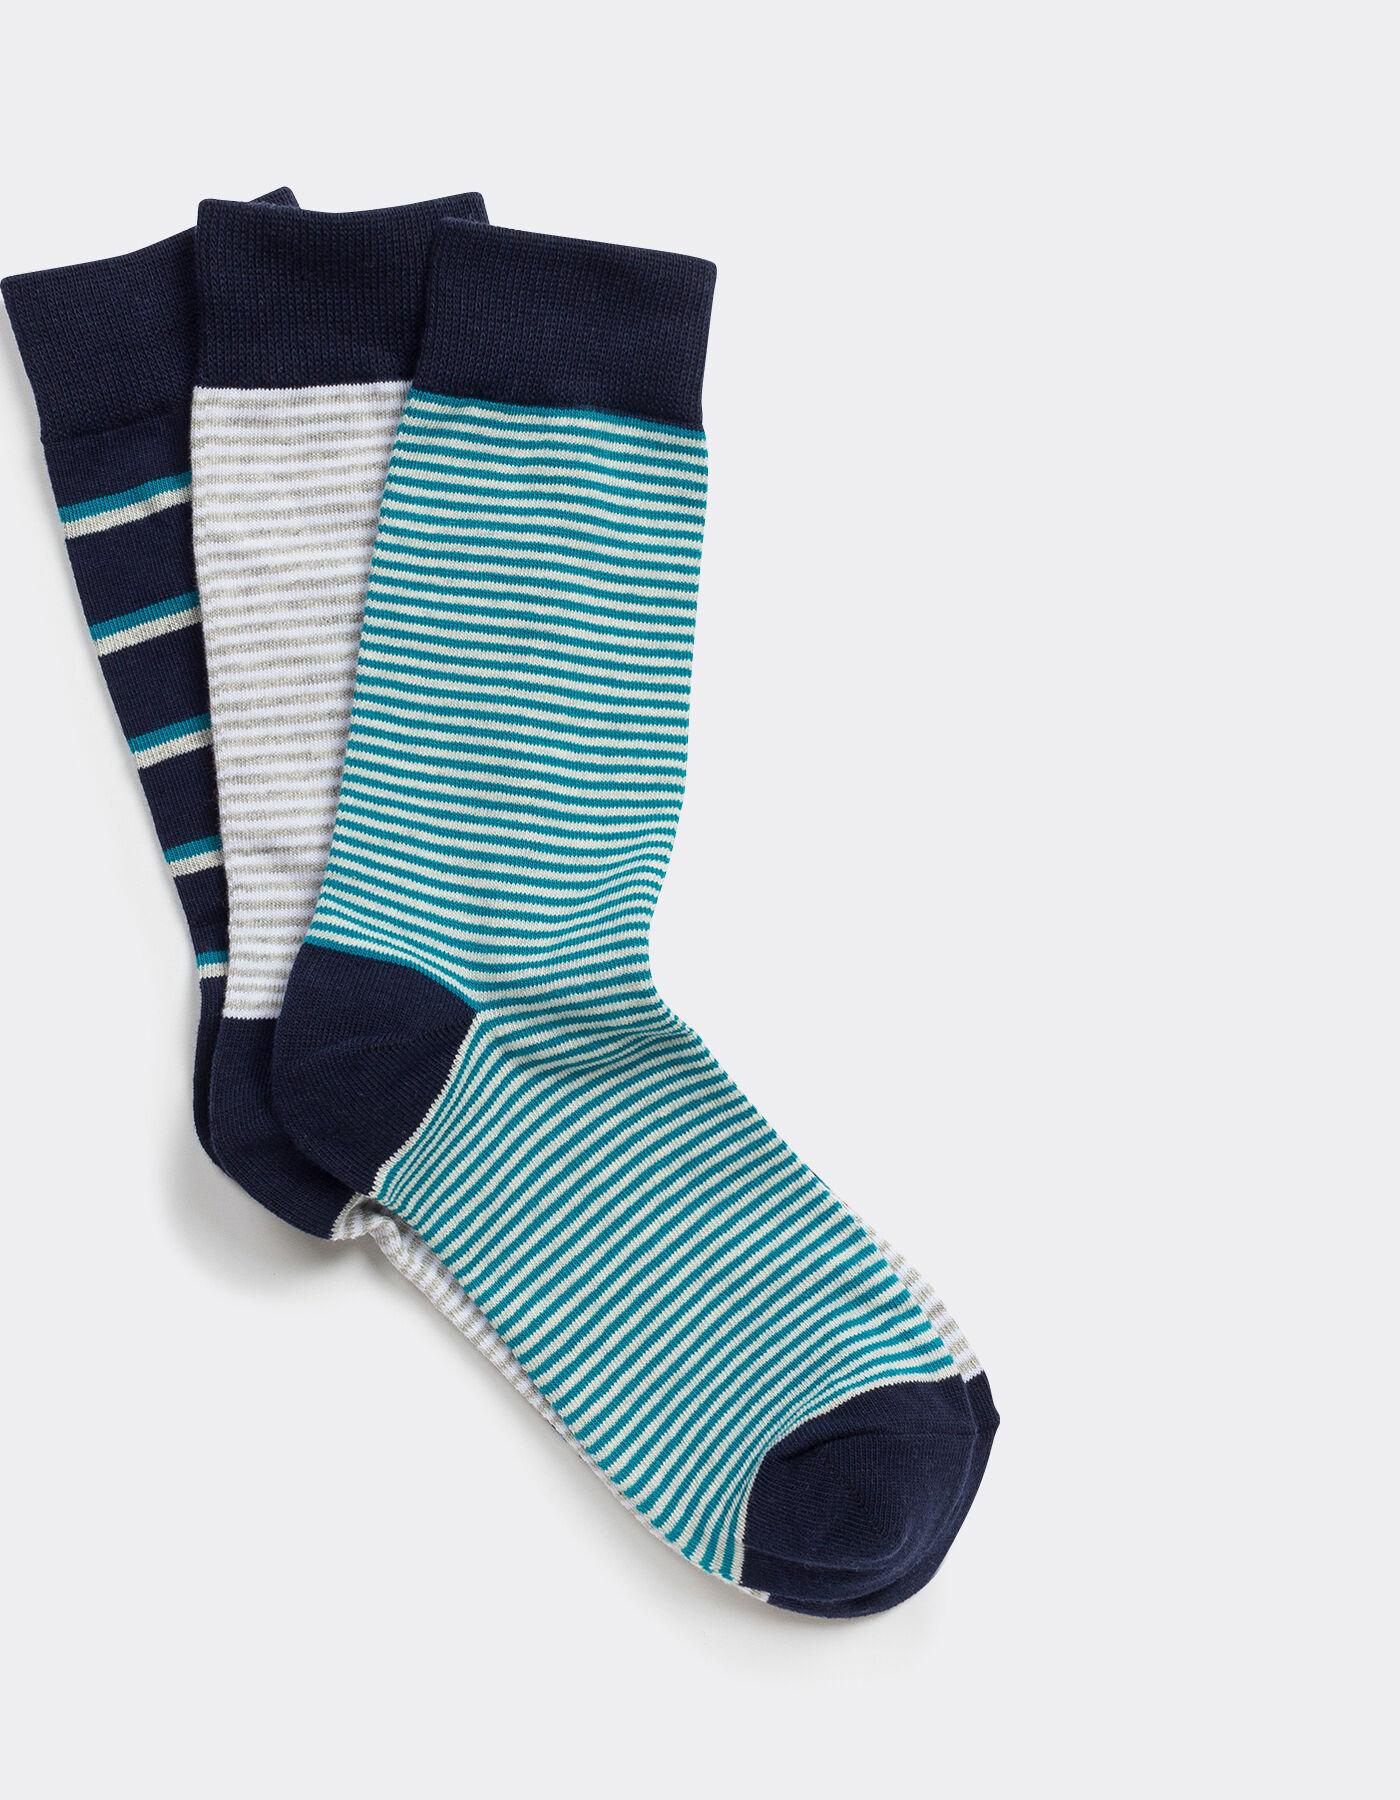 lot de 3 chaussettes hautes fantaisies rayures bleu turquoise homme jules. Black Bedroom Furniture Sets. Home Design Ideas